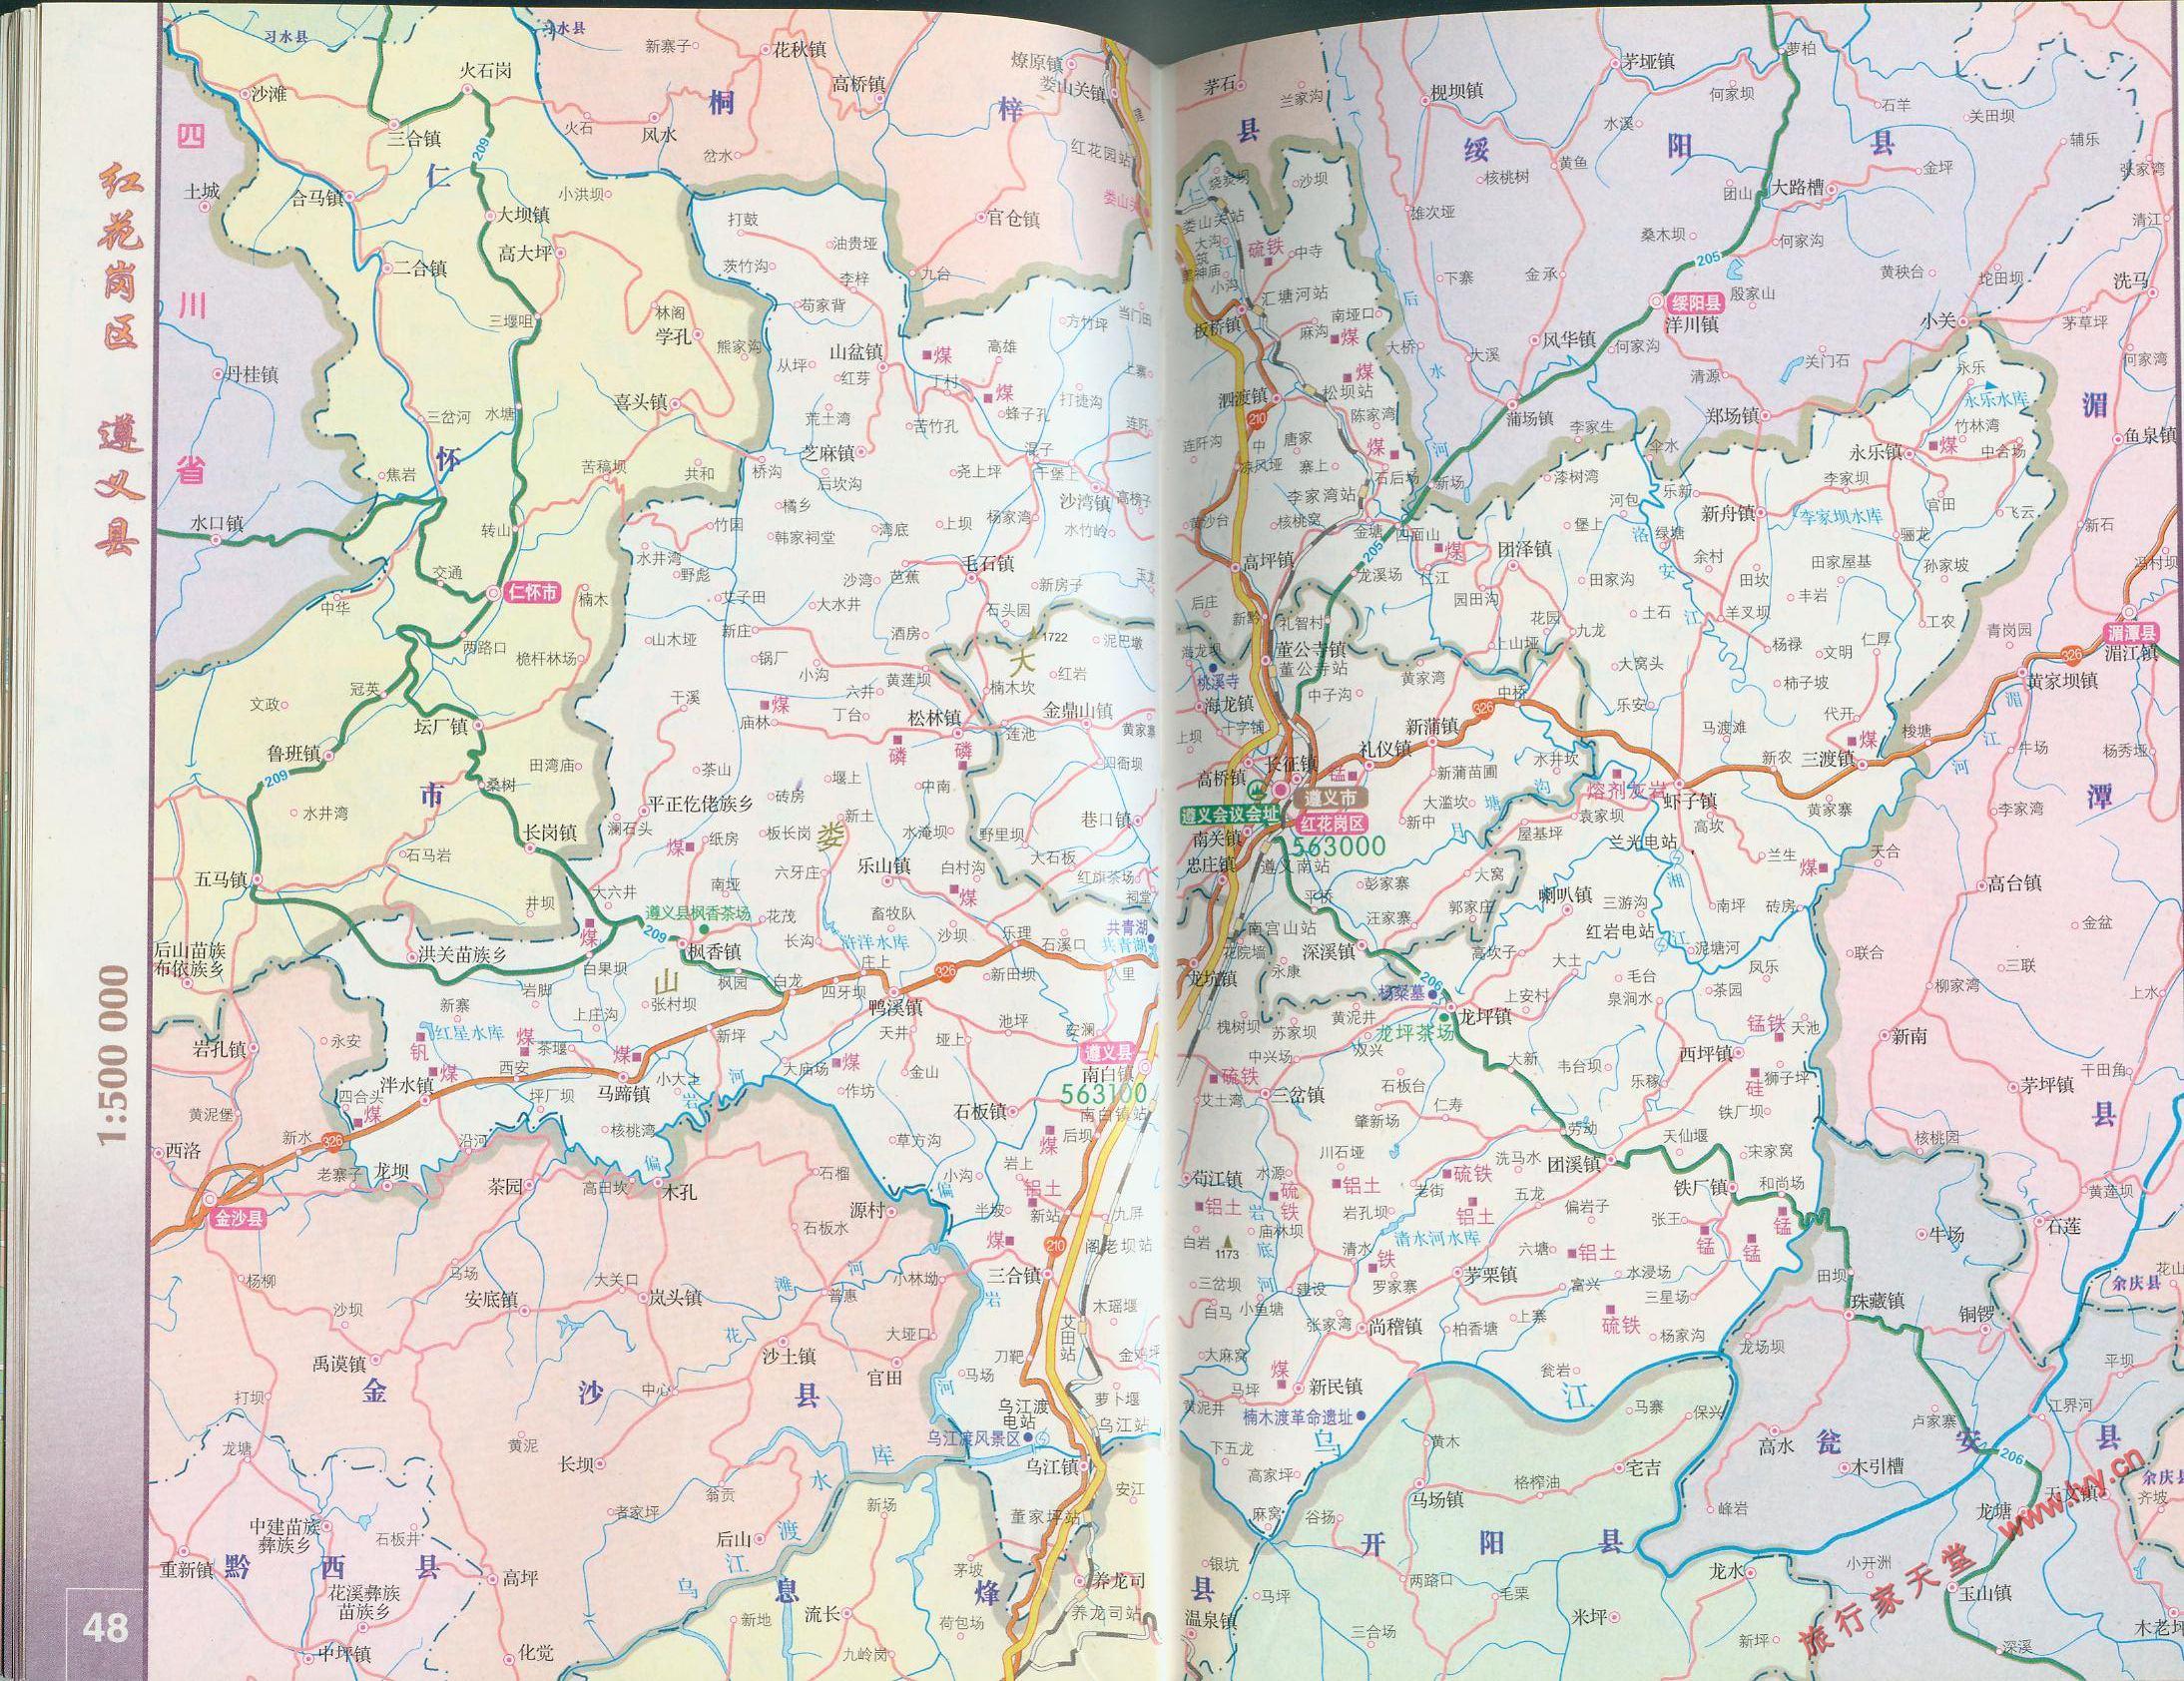 遵义县地图